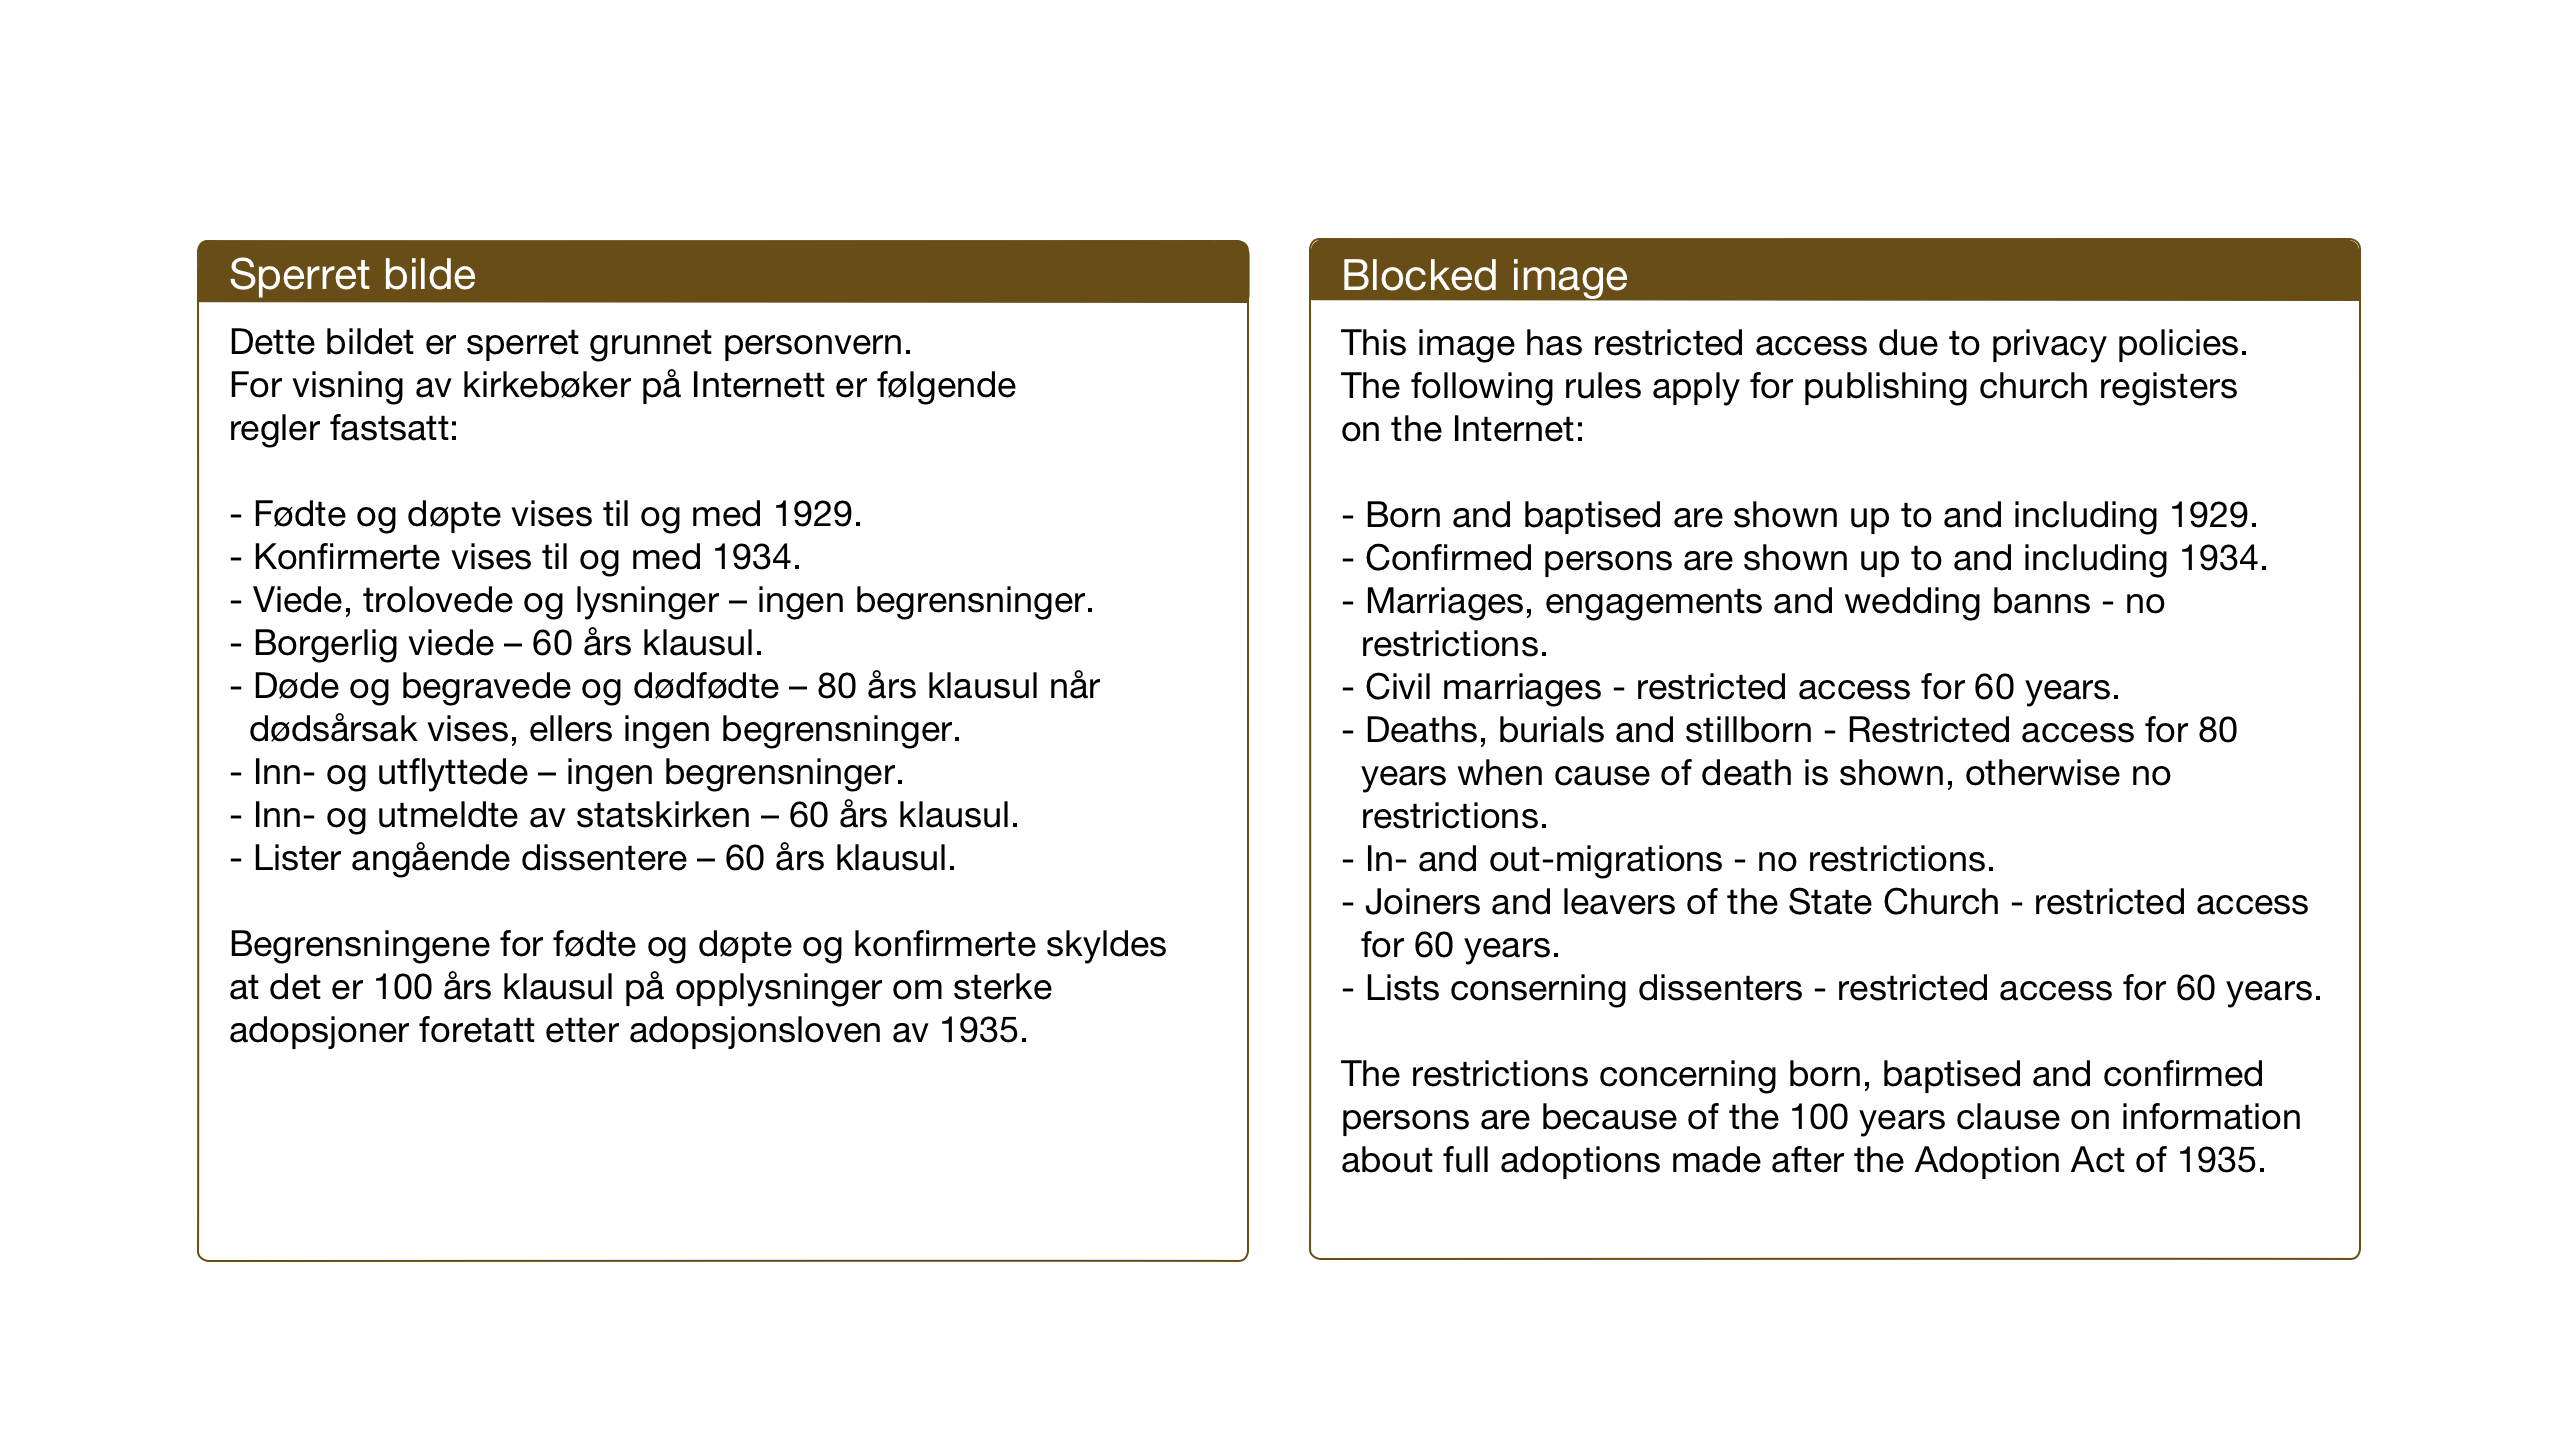 SAT, Ministerialprotokoller, klokkerbøker og fødselsregistre - Sør-Trøndelag, 604/L0210: Ministerialbok nr. 604A30, 1932-1946, s. 18